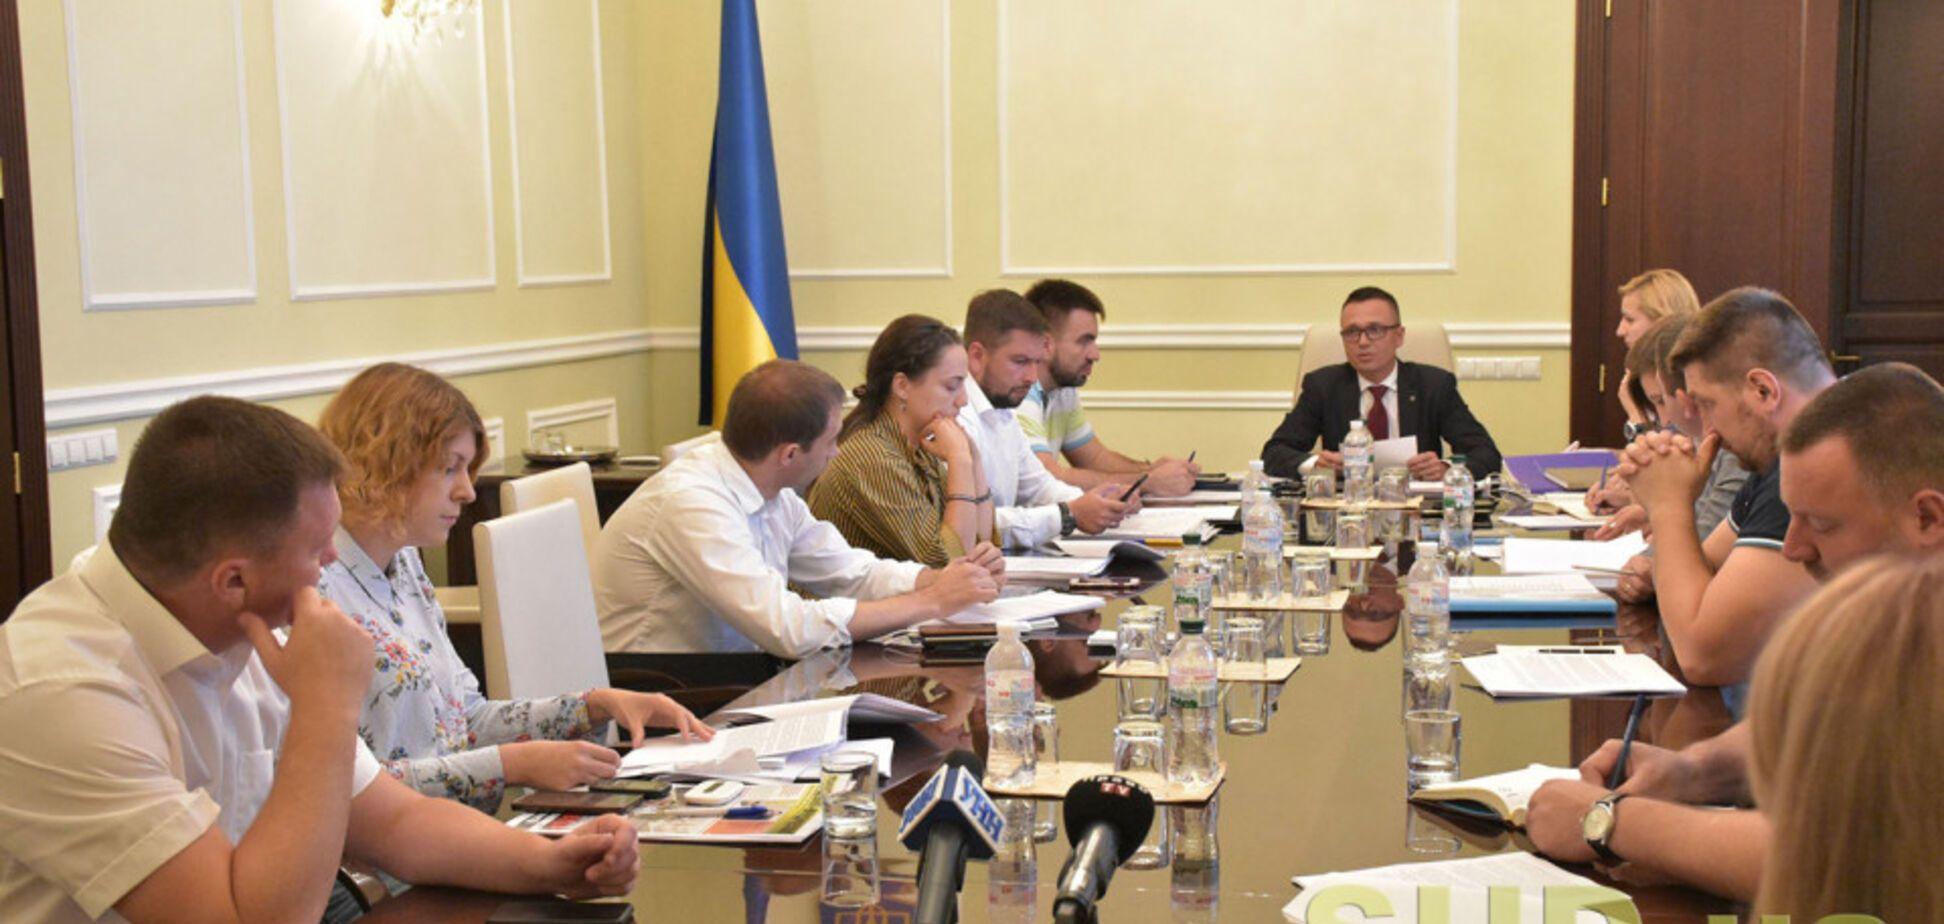 Аблов стал единственным кандидатом на должность ГБР, лично давшим объяснения РГК